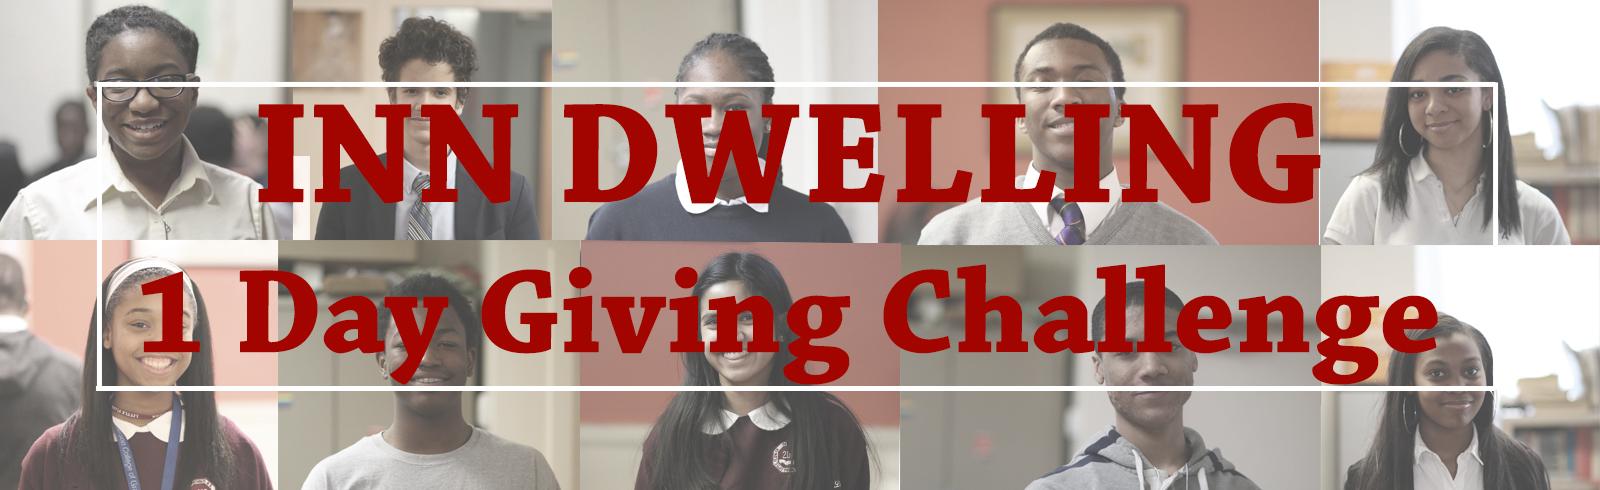 Celebrate Inn Dwelling's Honors Day!